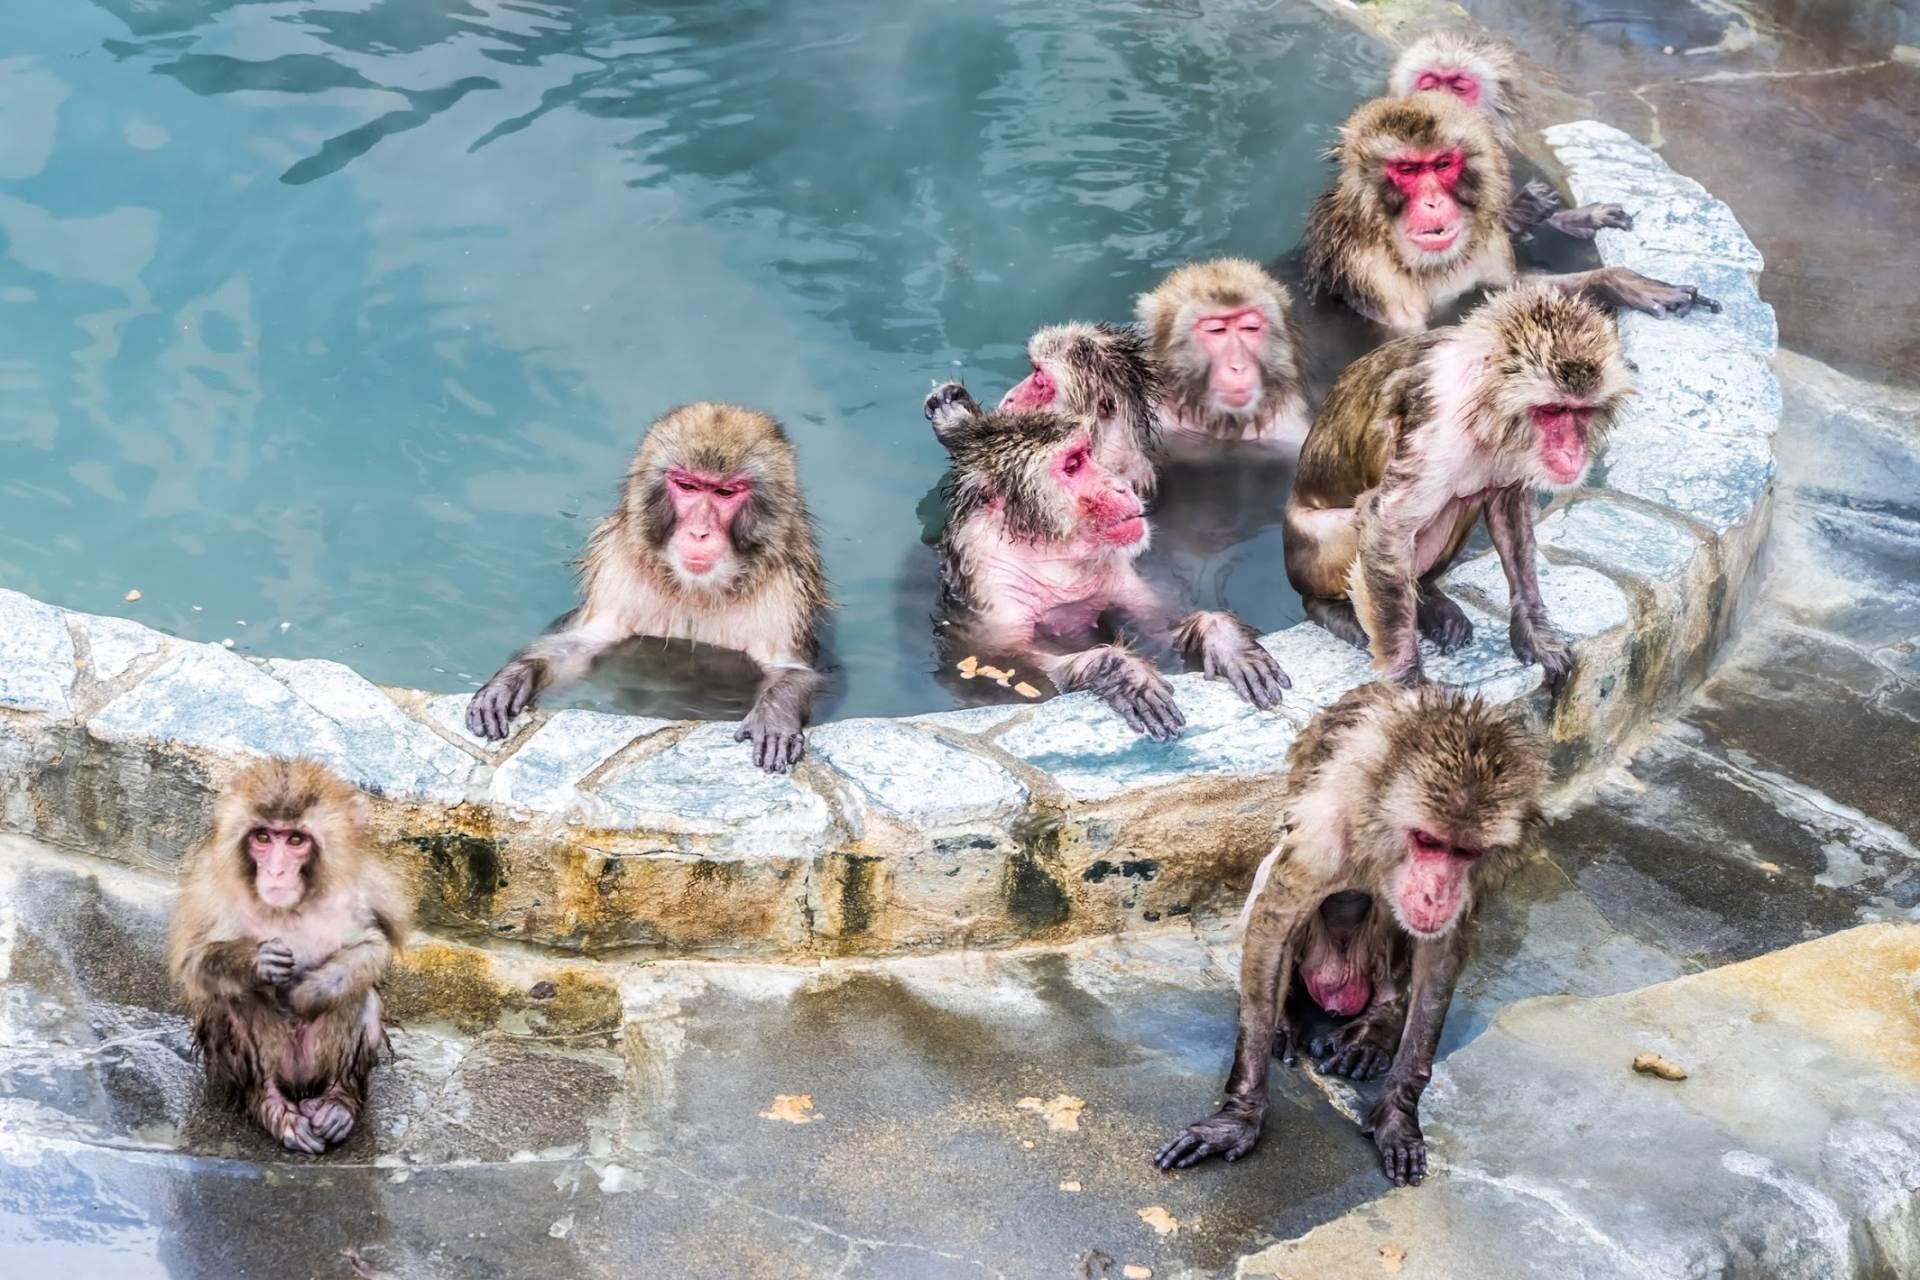 猴子们看上去好舒服的样子